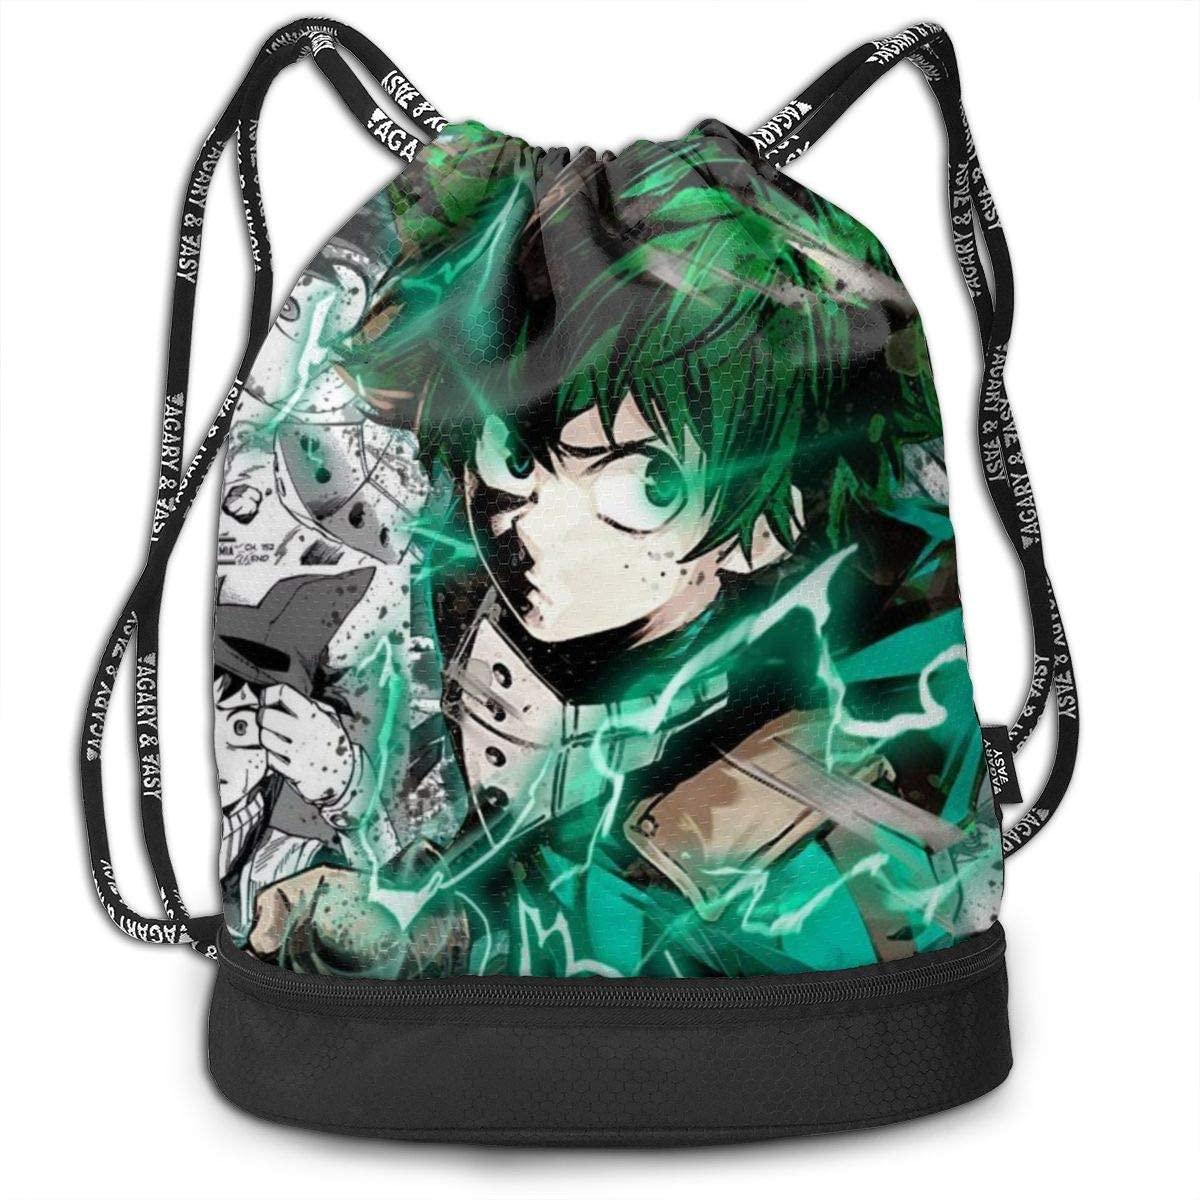 Teens Adults Drawstring Bag Waterproof Laptop Backpack My Hero Academia Kids Backpacks Durable Sackpack for Outdoor Hiking Beach Gym